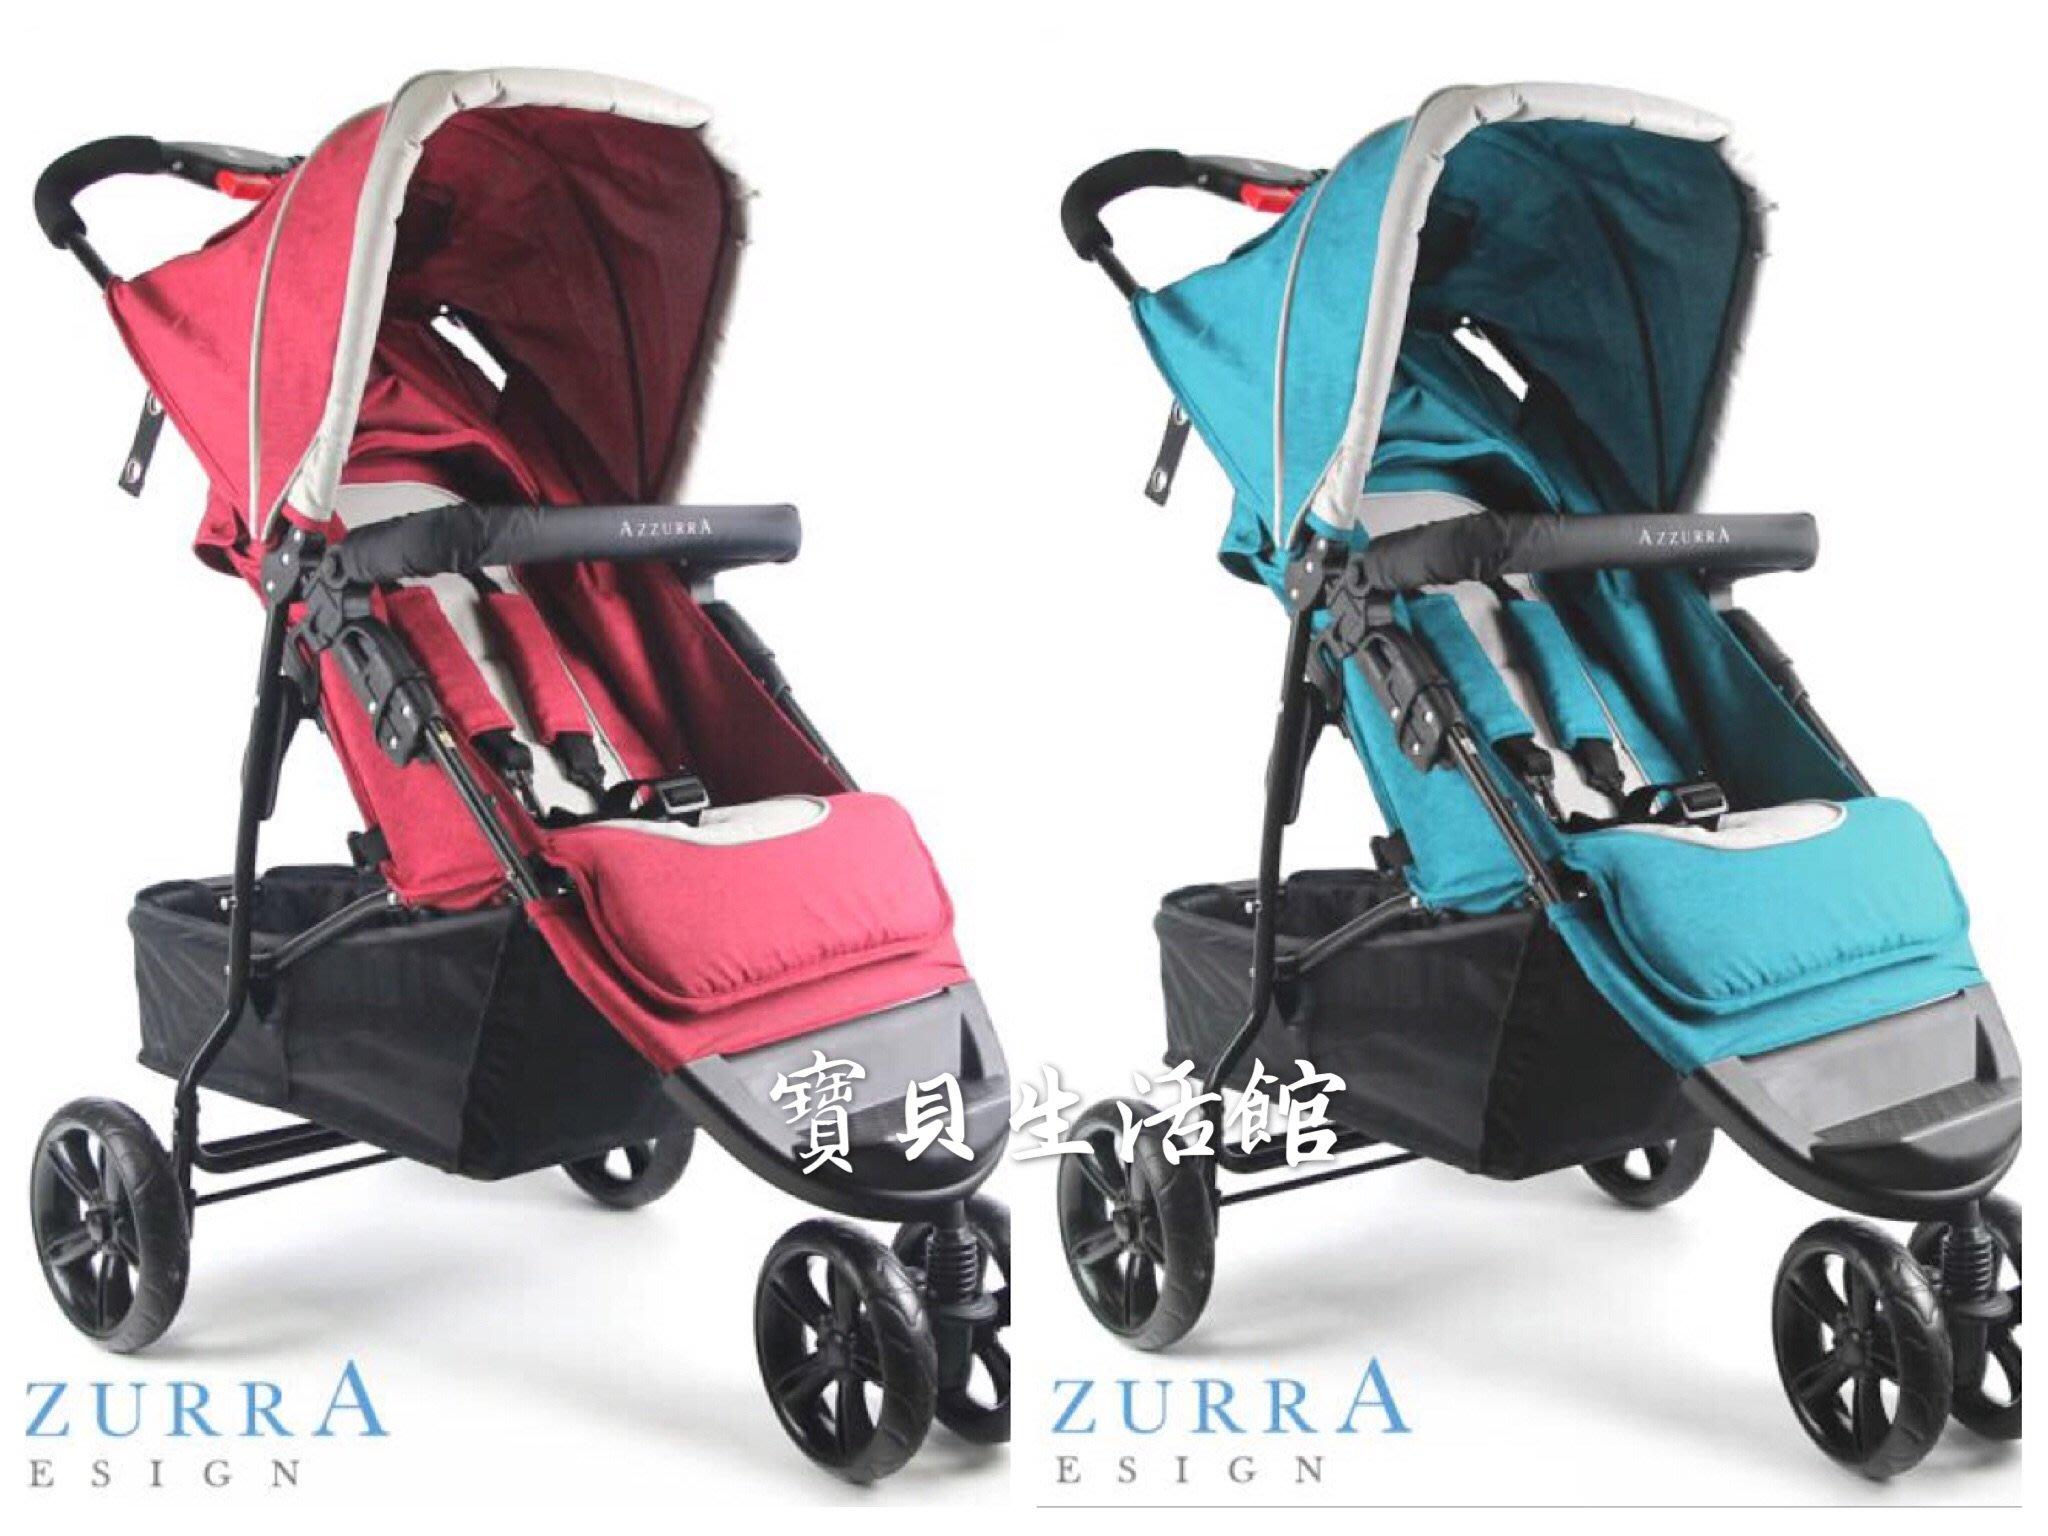 寶貝生活館☆AZZURRA City 三輪手推車 附贈推車涼蓆與防風遮雨罩